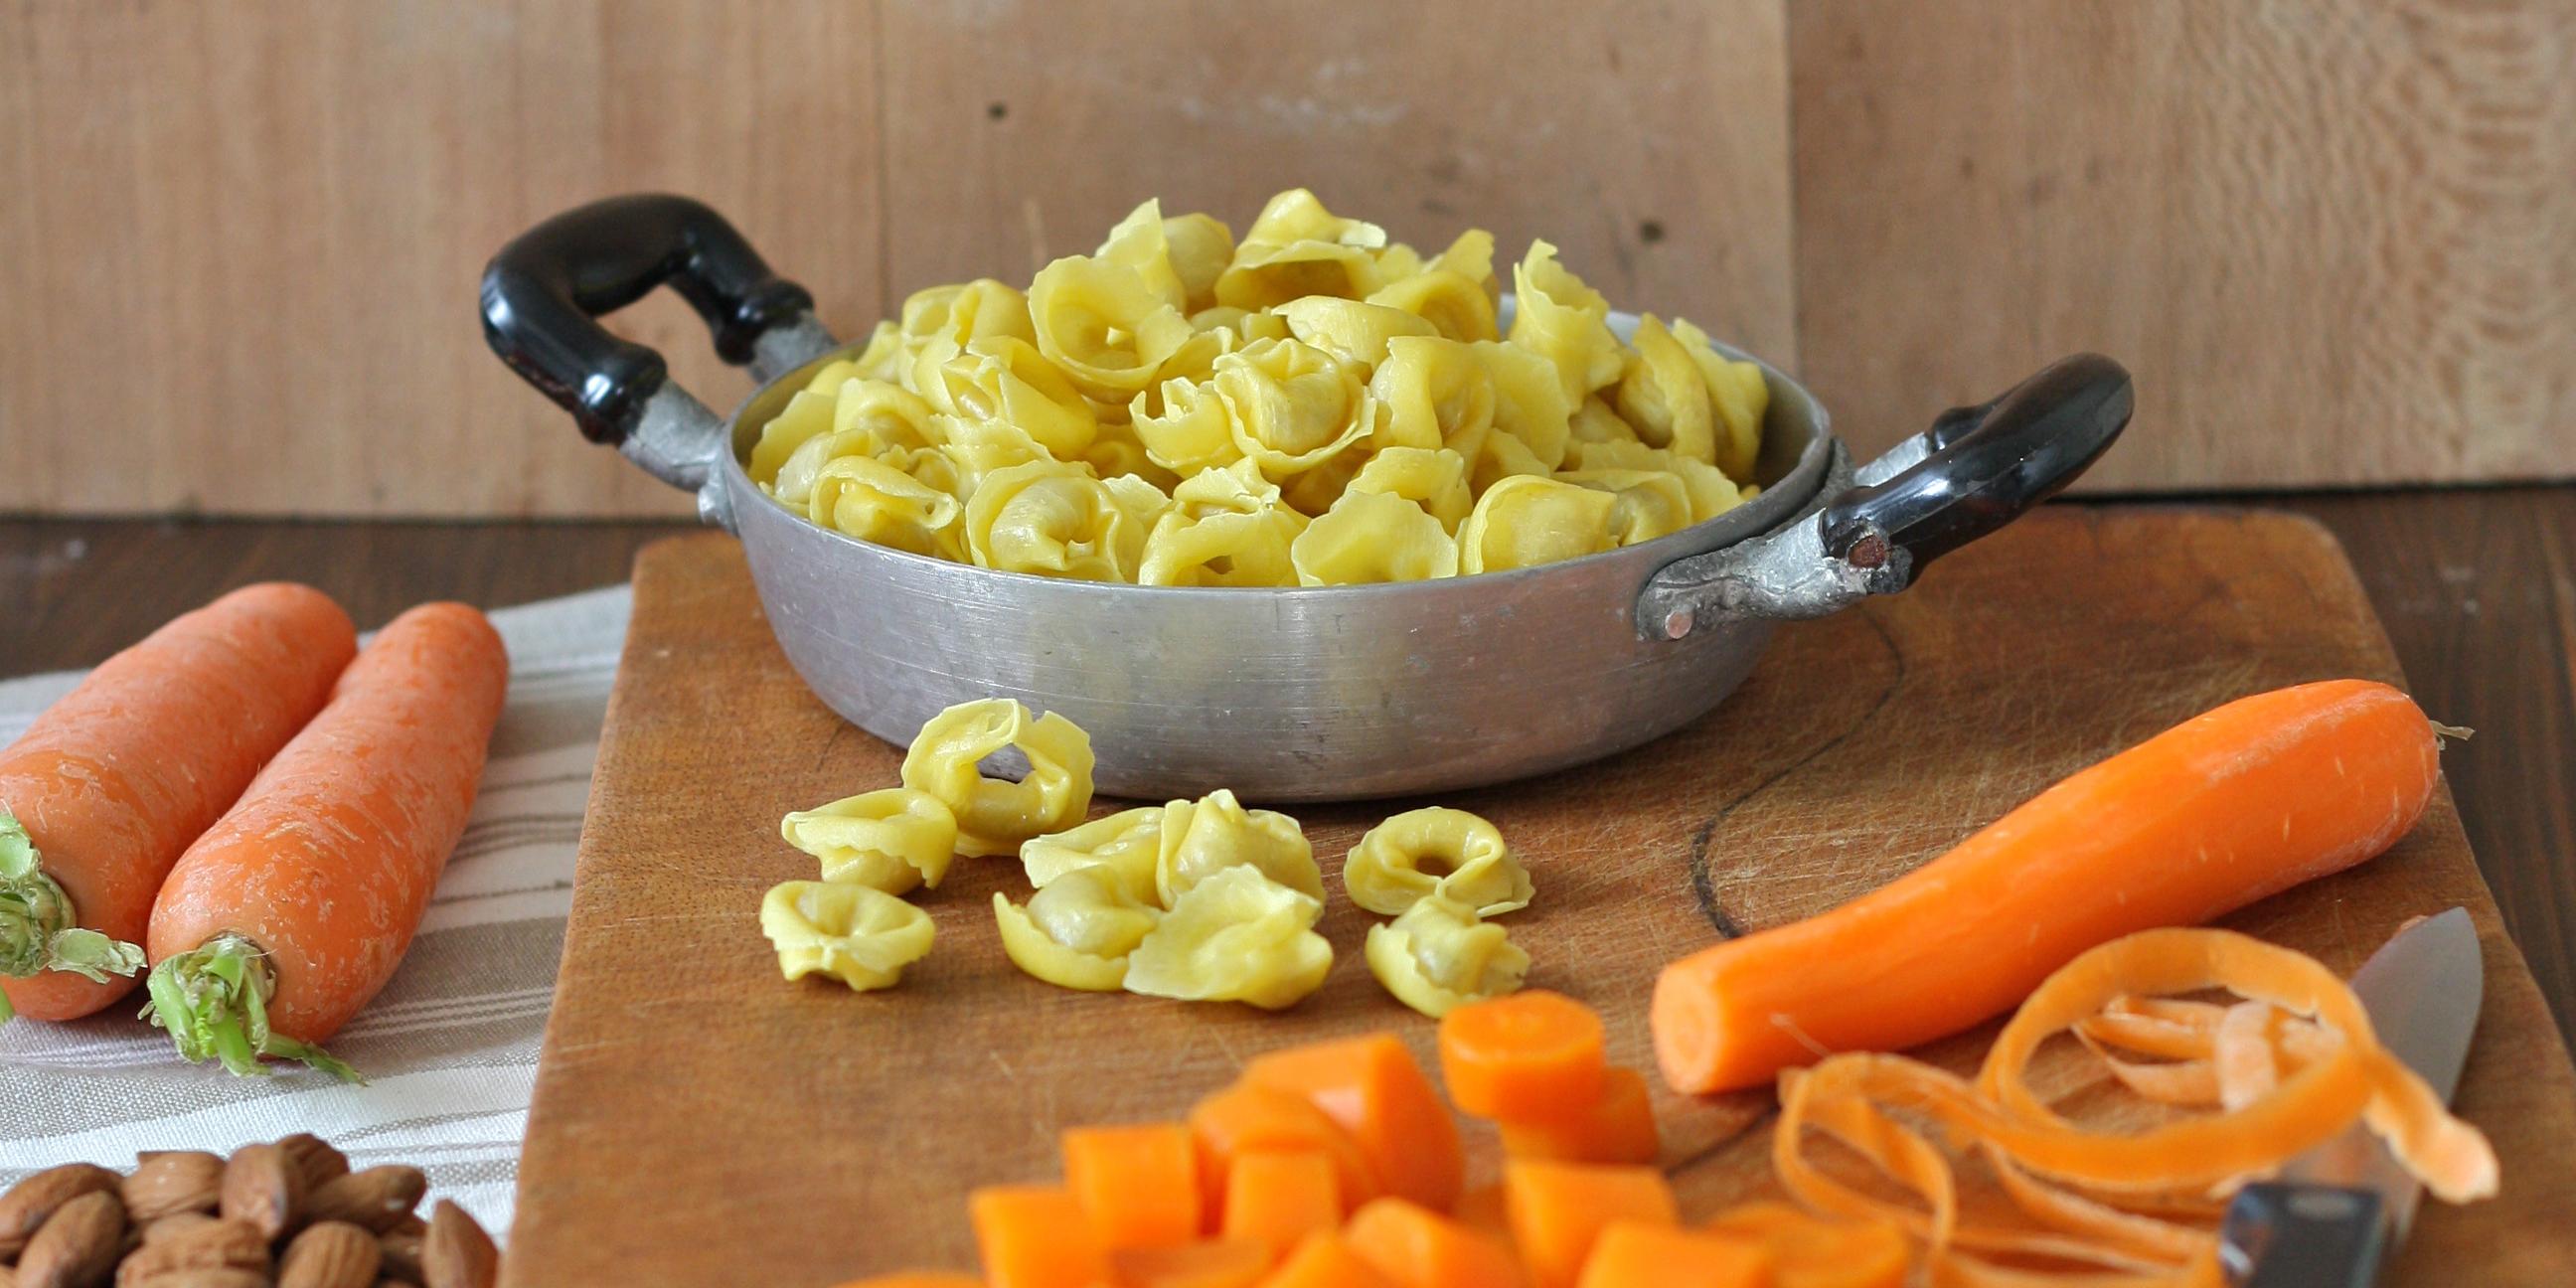 Tortellini al prosciutto crudo con vellutata di carote, curcuma e mandorle